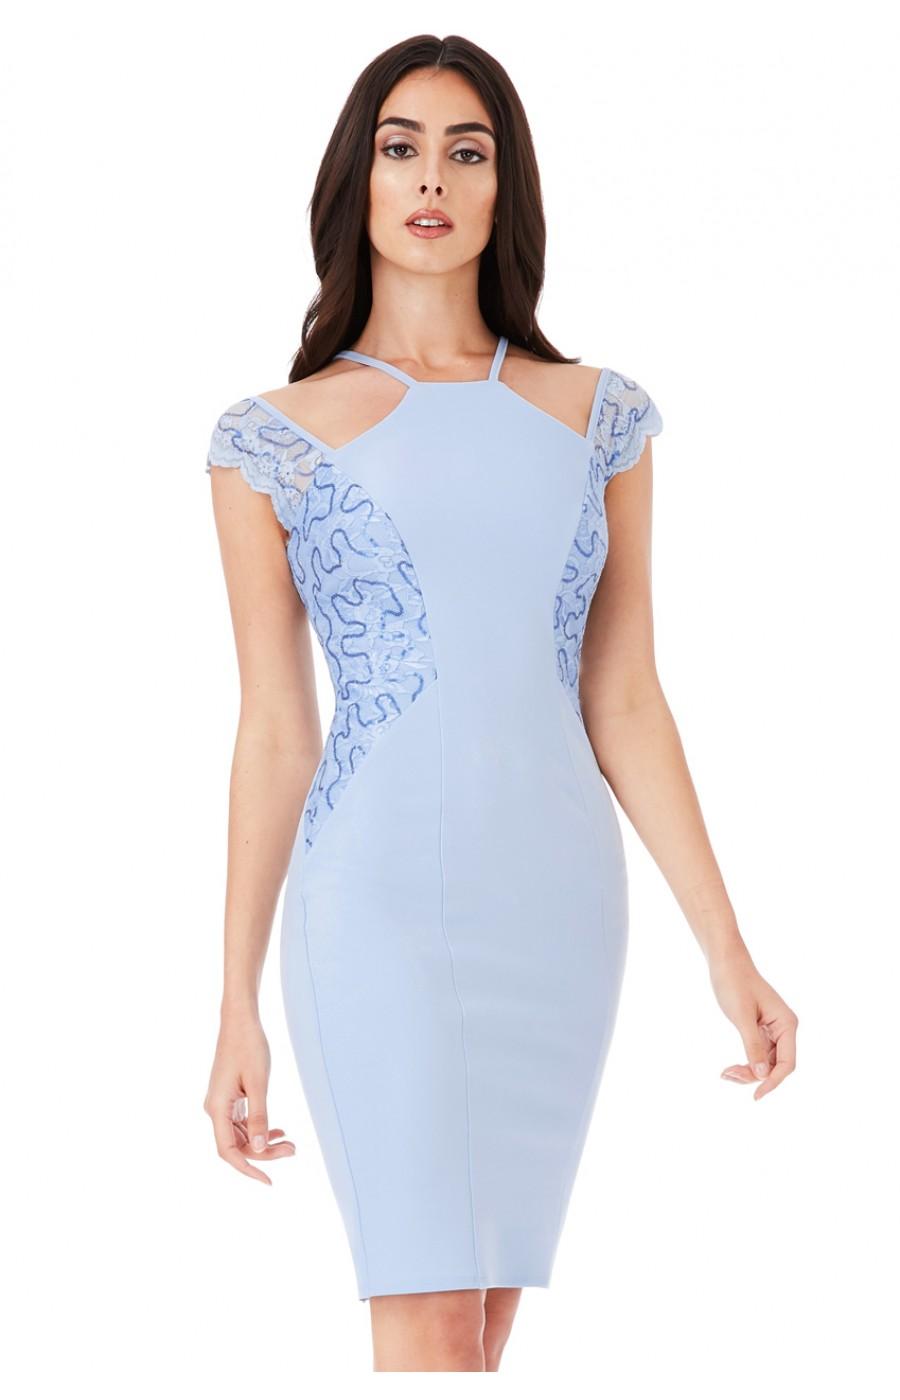 Γαλάζιο μιντι επισημο φορεμα με λεπτομερεια δαντελα